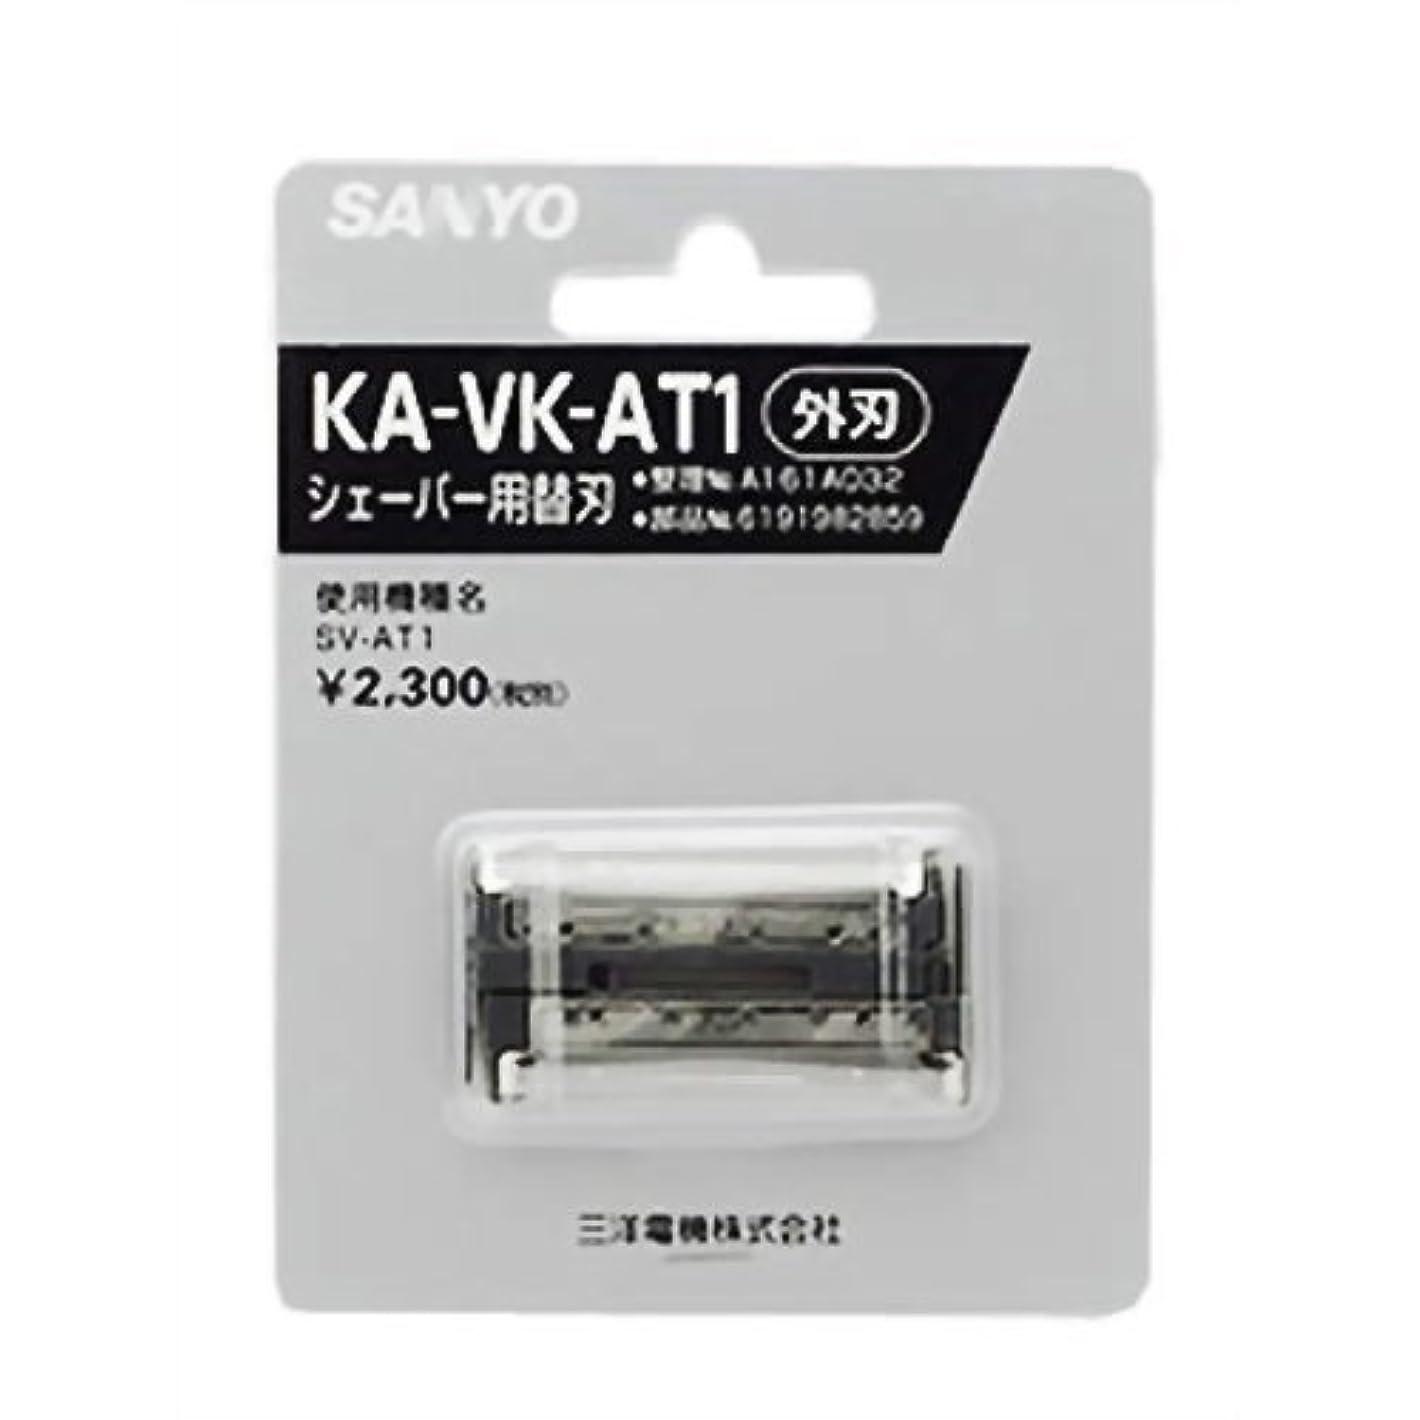 疑問を超えて活発代理人SANYO メンズシェーバー替刃(外刃) KA-VK-AT1